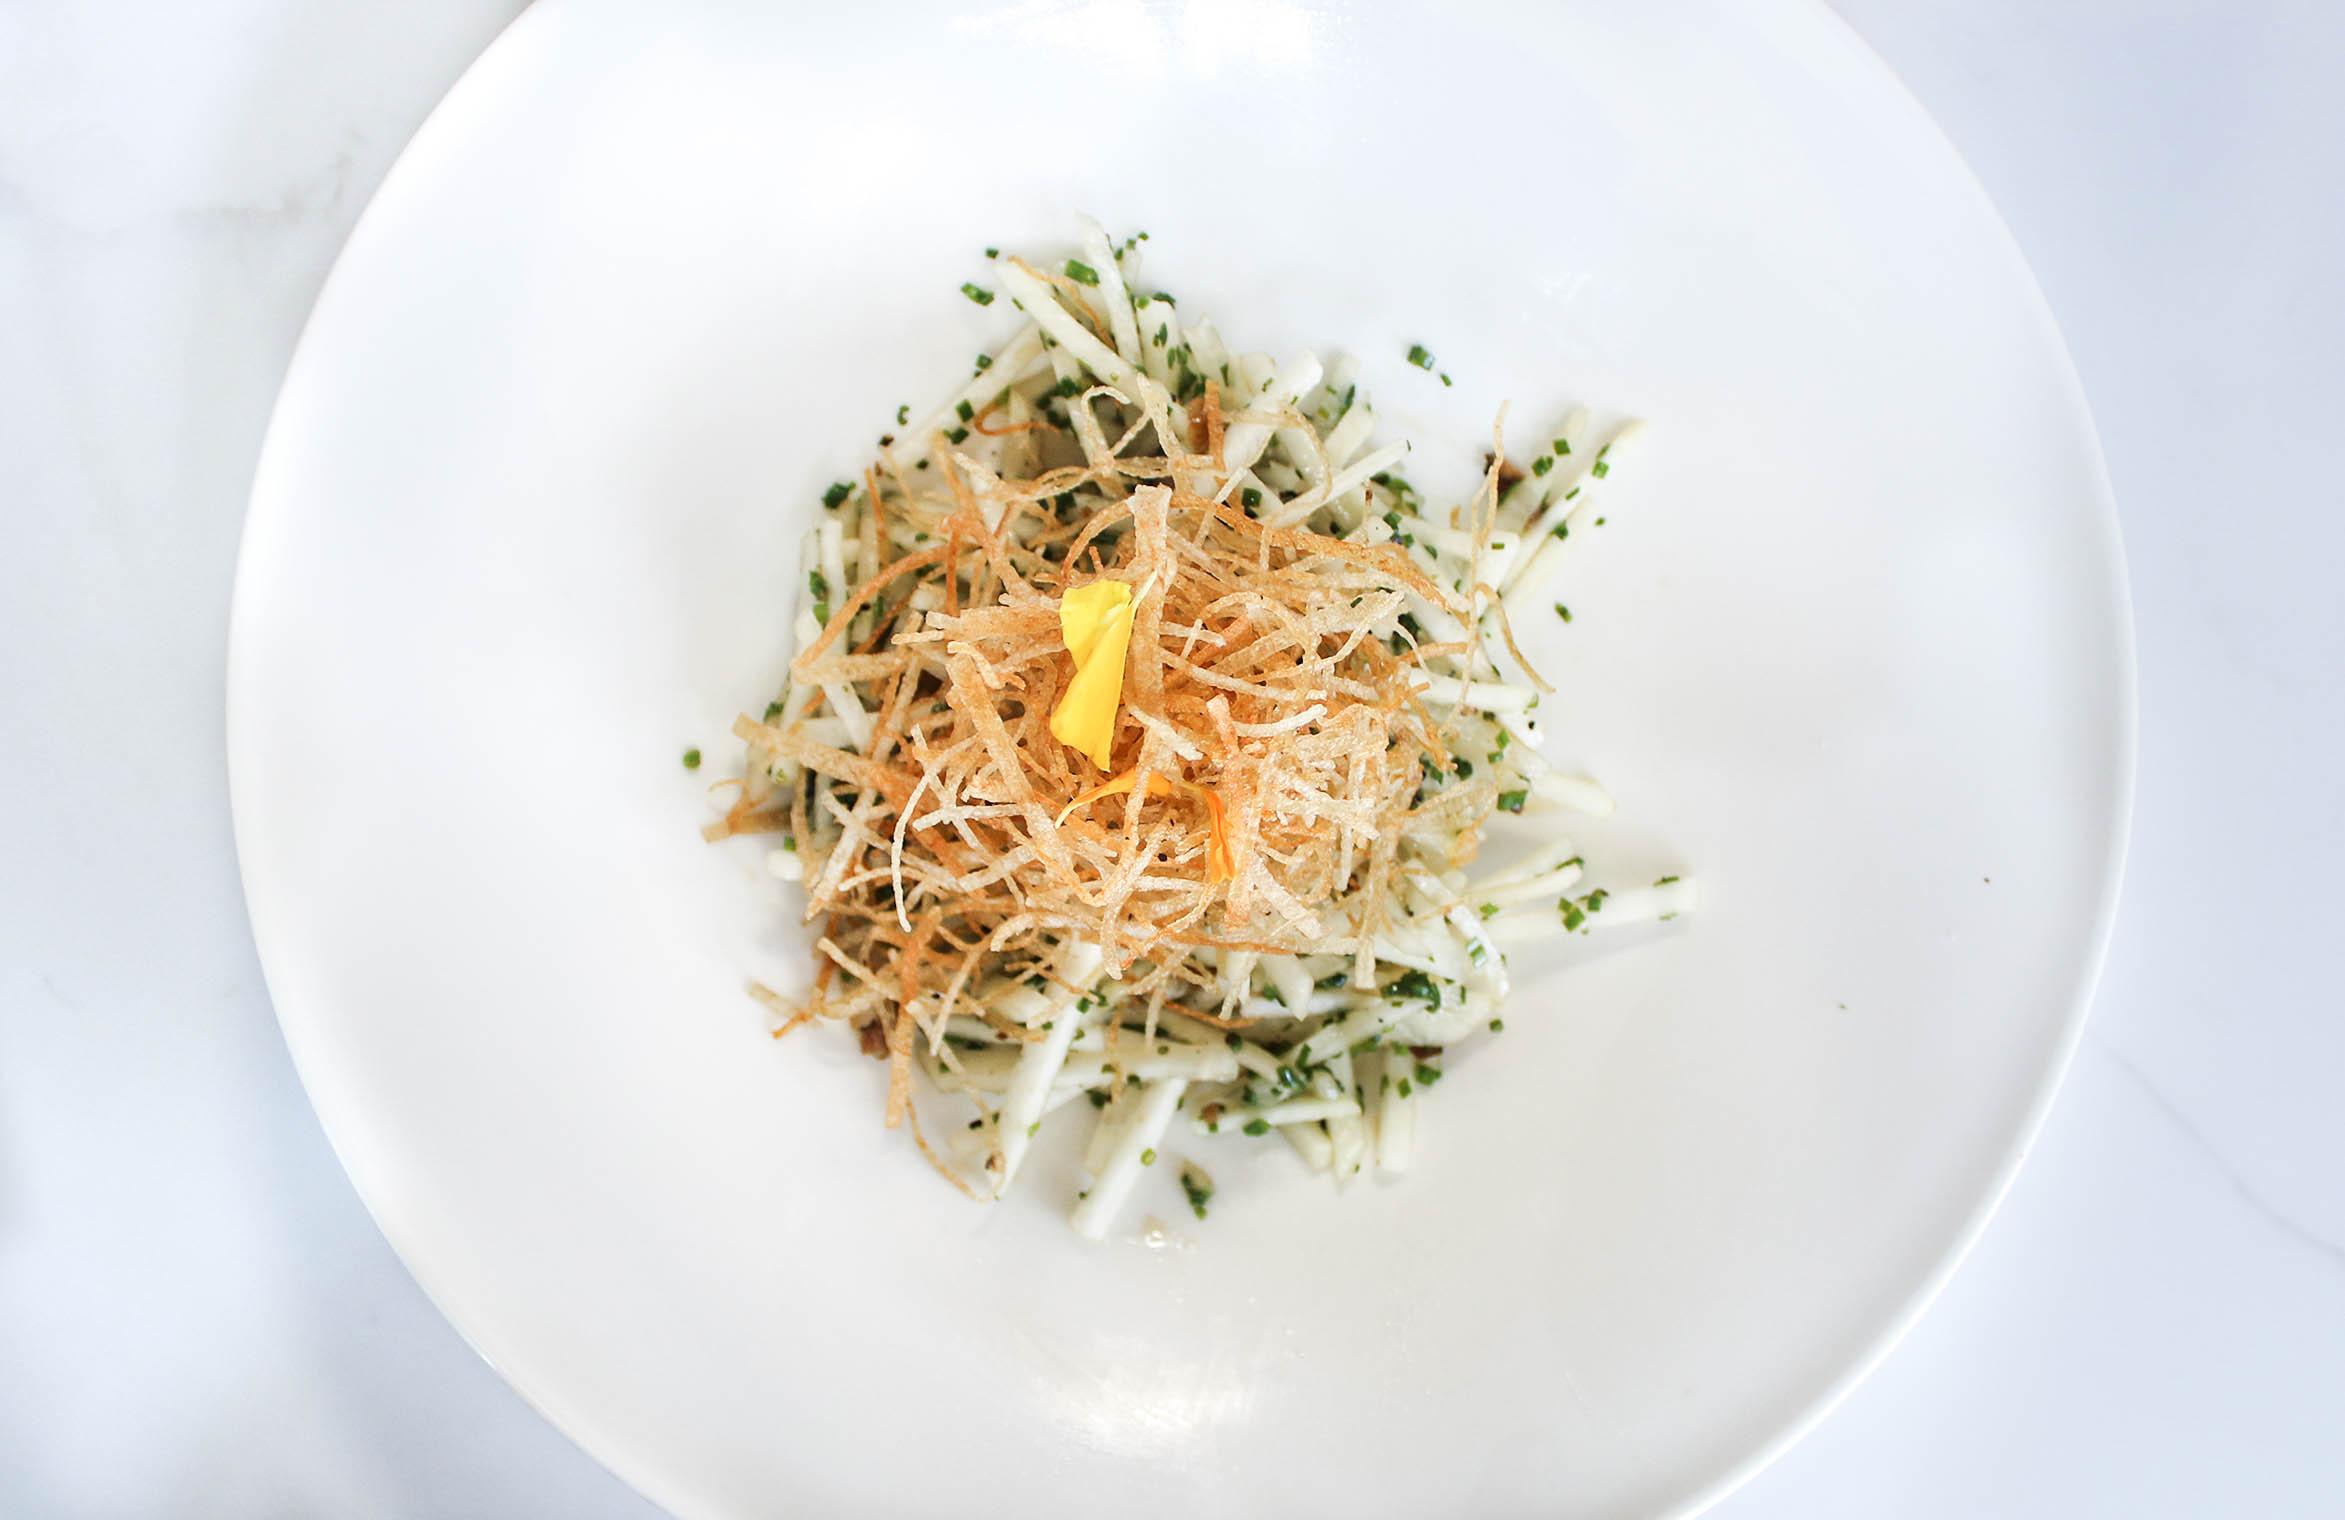 Karate Salad: Kohlrabi, Black Truffle